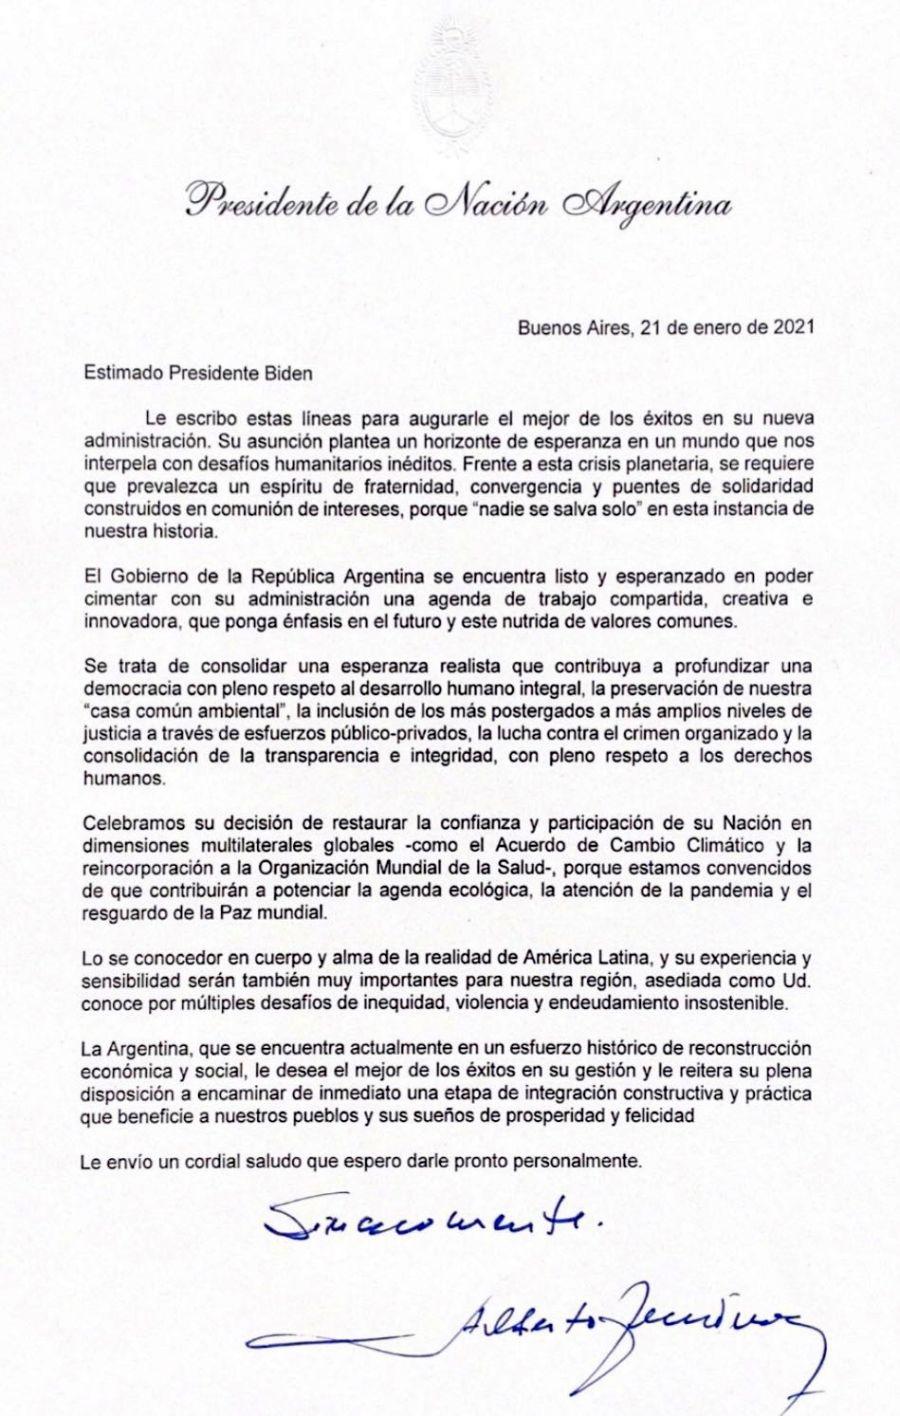 La carta enviada y firmada por Alberto Fernández.